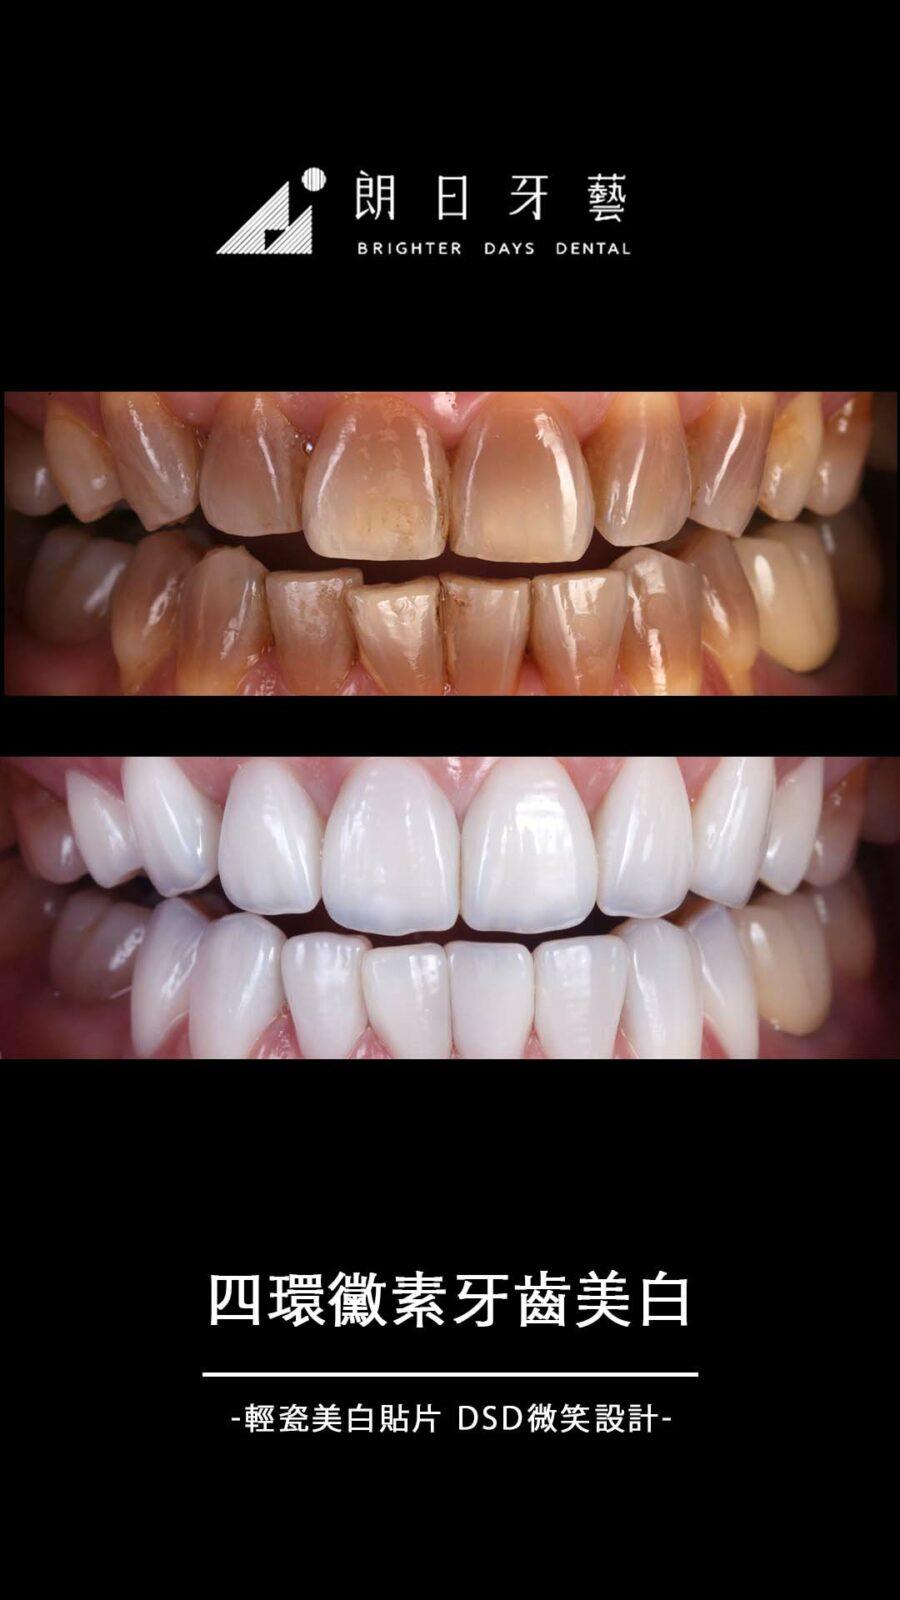 陶瓷貼片案例-四環黴素牙齒染色-四環黴素牙齒美白-朗日牙藝-輕瓷美白貼片